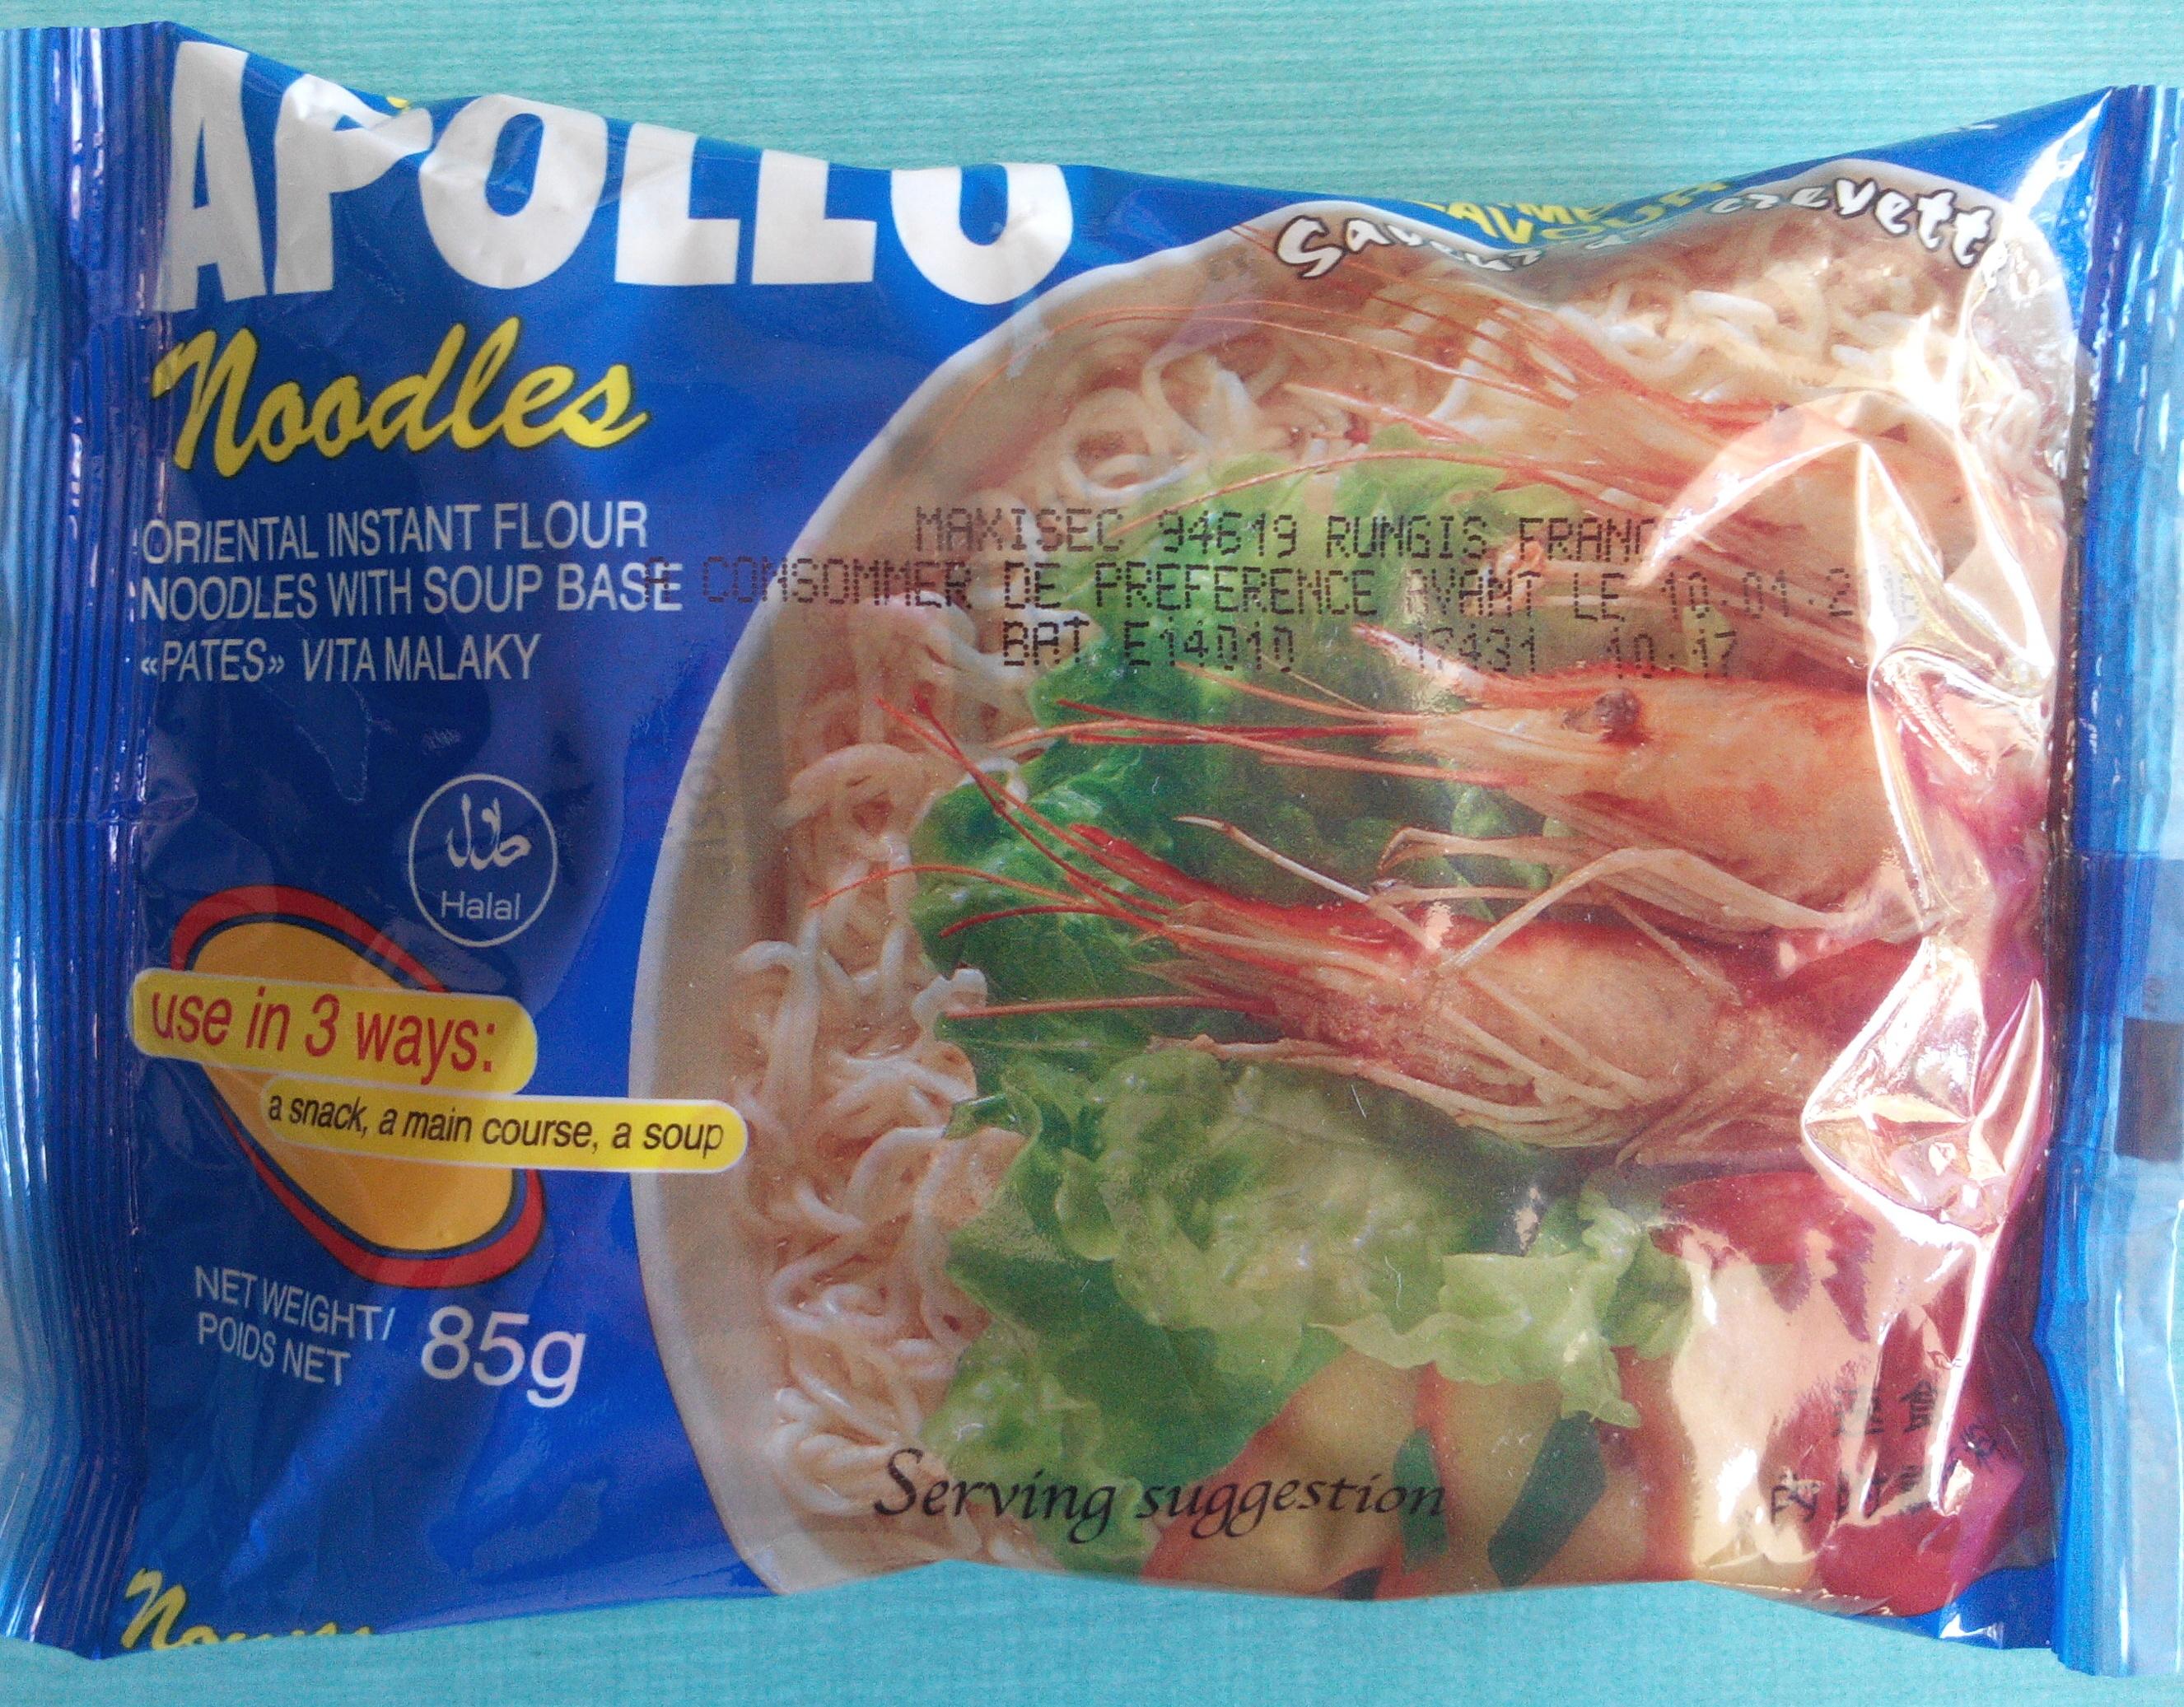 Noodles saveur de crevette - Produit